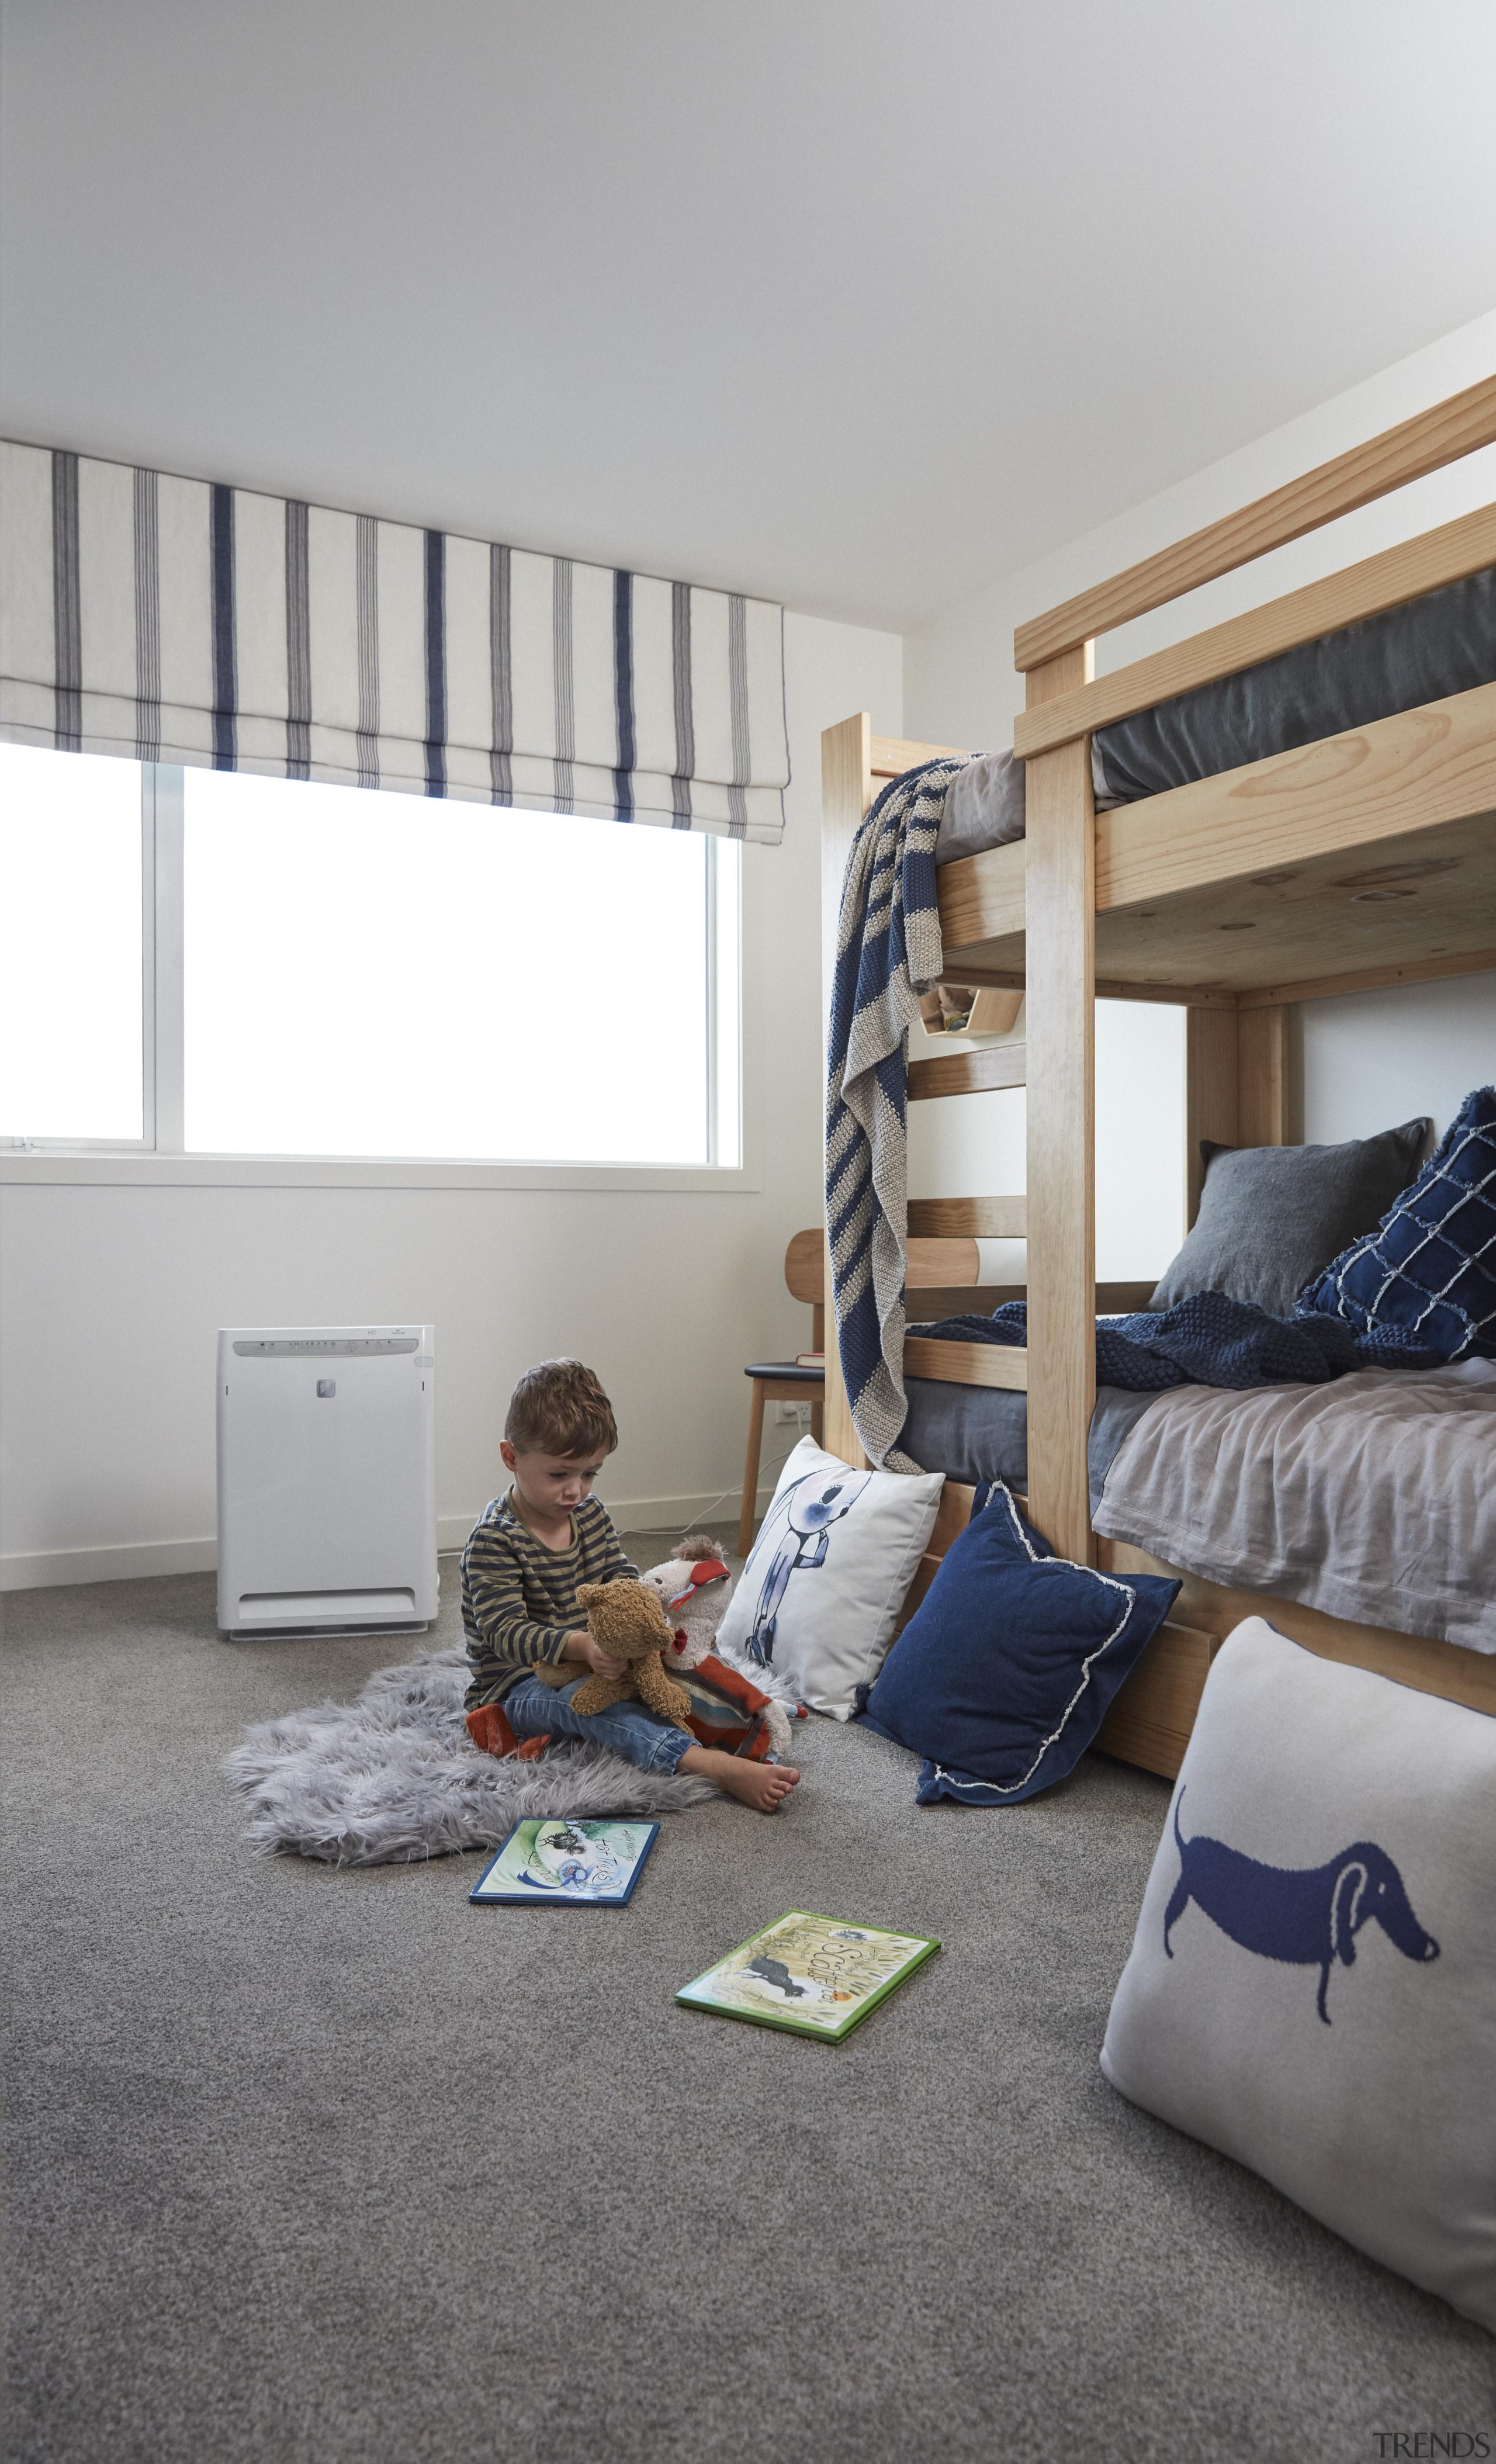 Tl20180411 Daikin Day 1 Bedrooms 161Export - bed bed, bedroom, floor, flooring, furniture, home, house, interior design, living room, room, gray